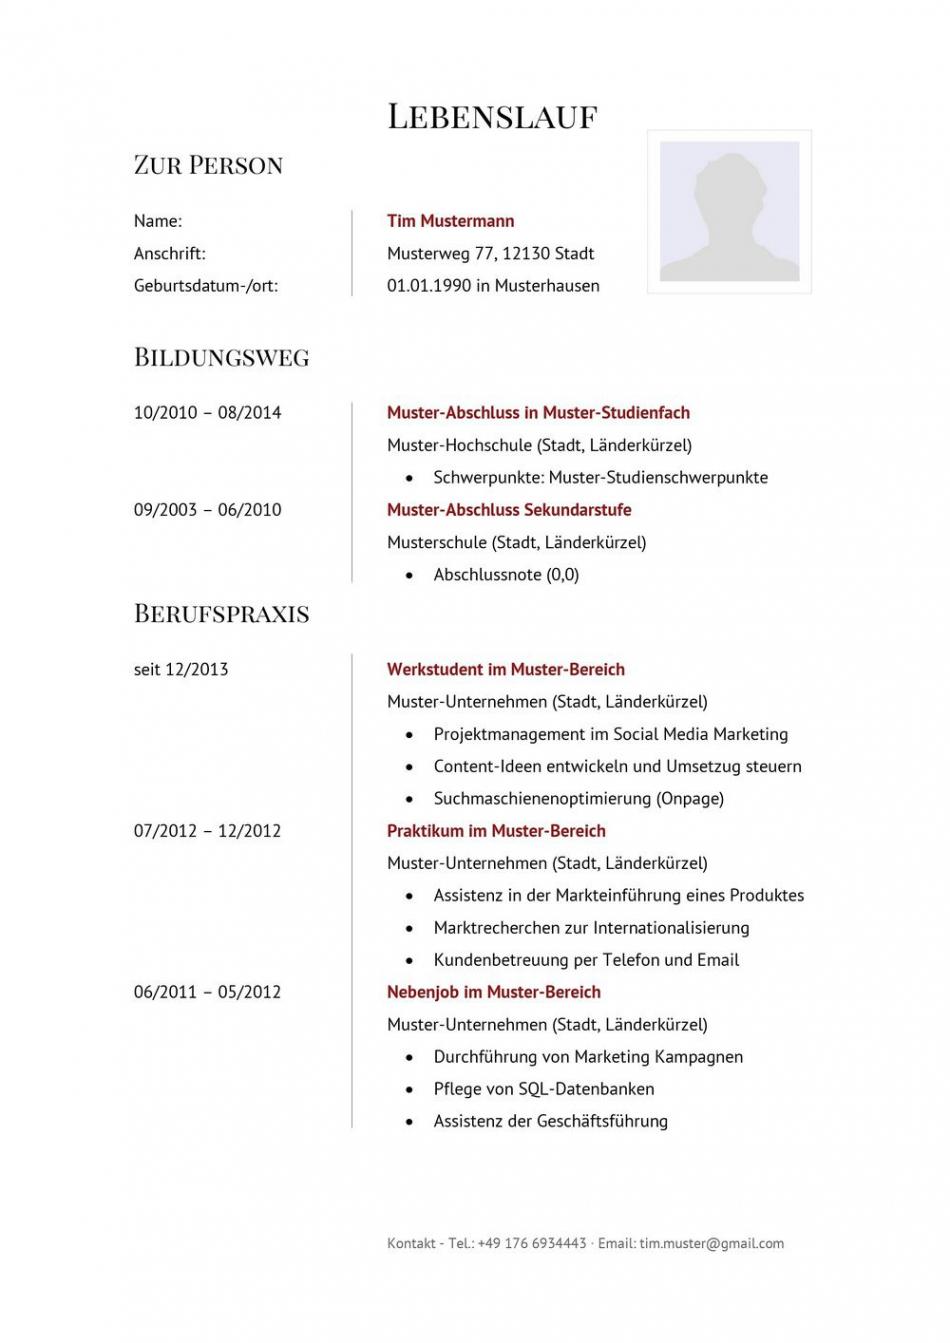 Tabellarischer Lebenslauf  Muster & Vorlagen  Lebenslaufdesignsde Lebenslauf Muster Tabellarischer Aufbau